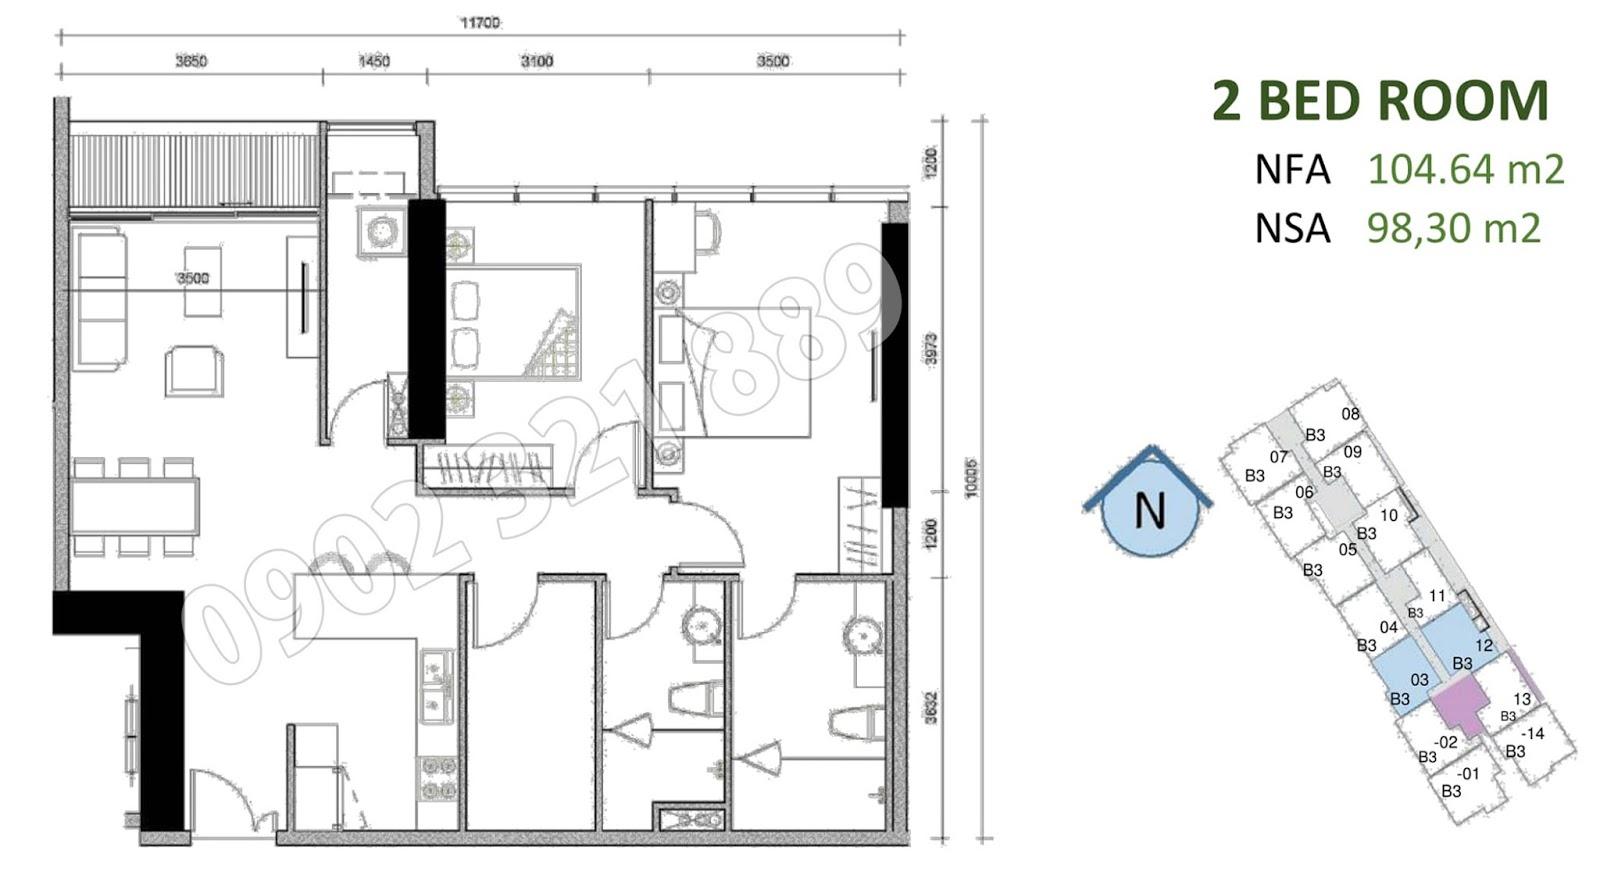 mặt bằng căn hộ sunwah pearl 2 phòng ngủ B3-03 và B3-12